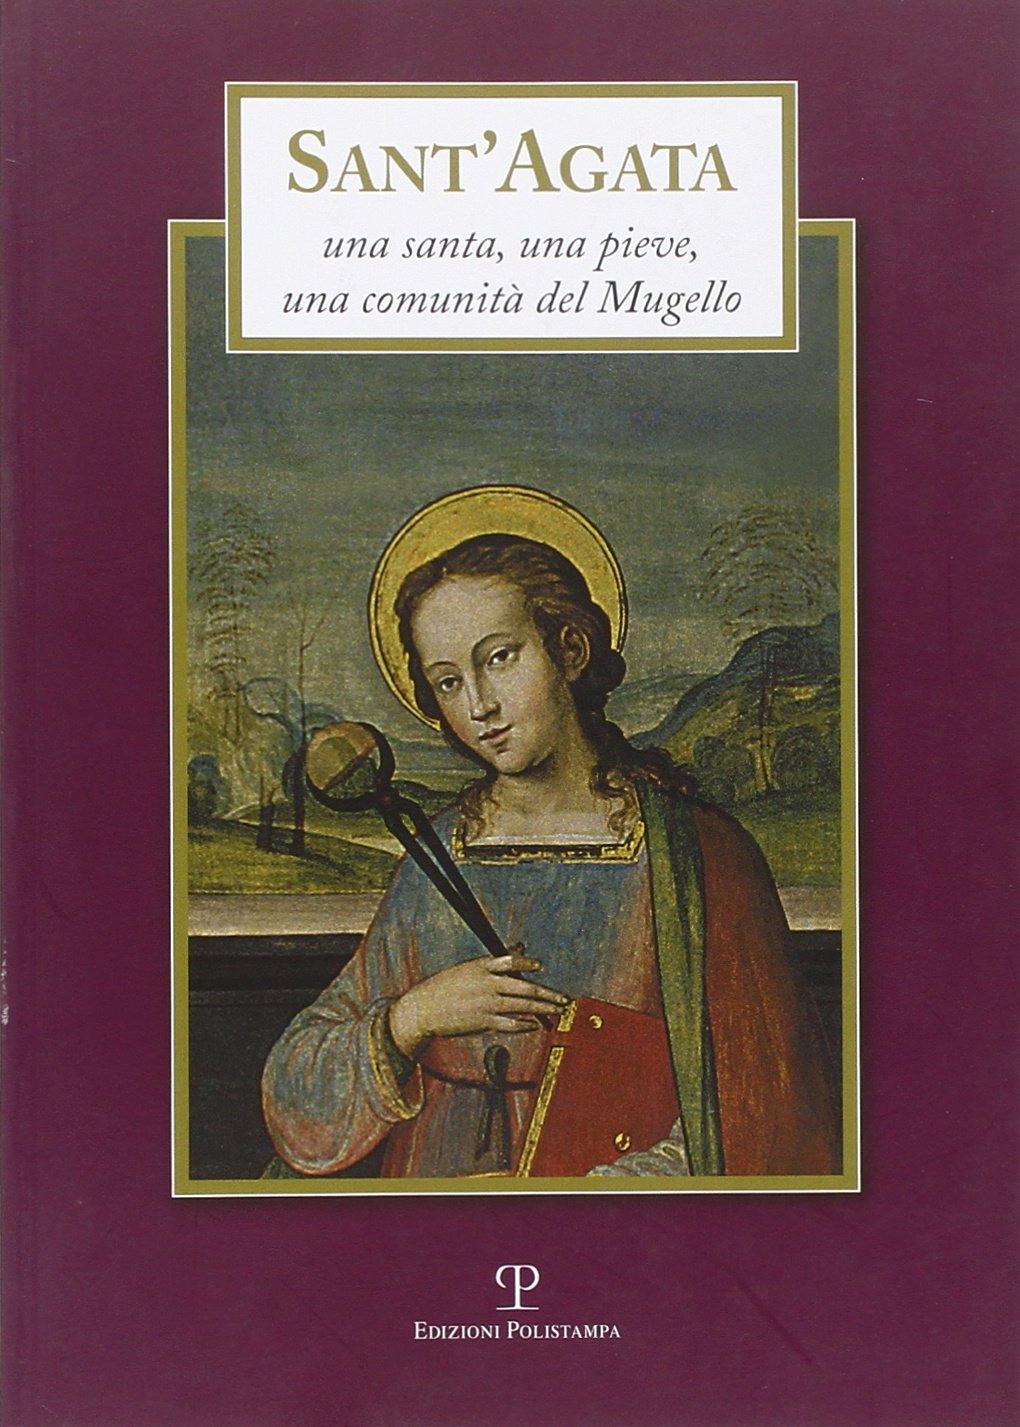 Sant'Agata. Una santa, una pieve, una comunità del Mugello